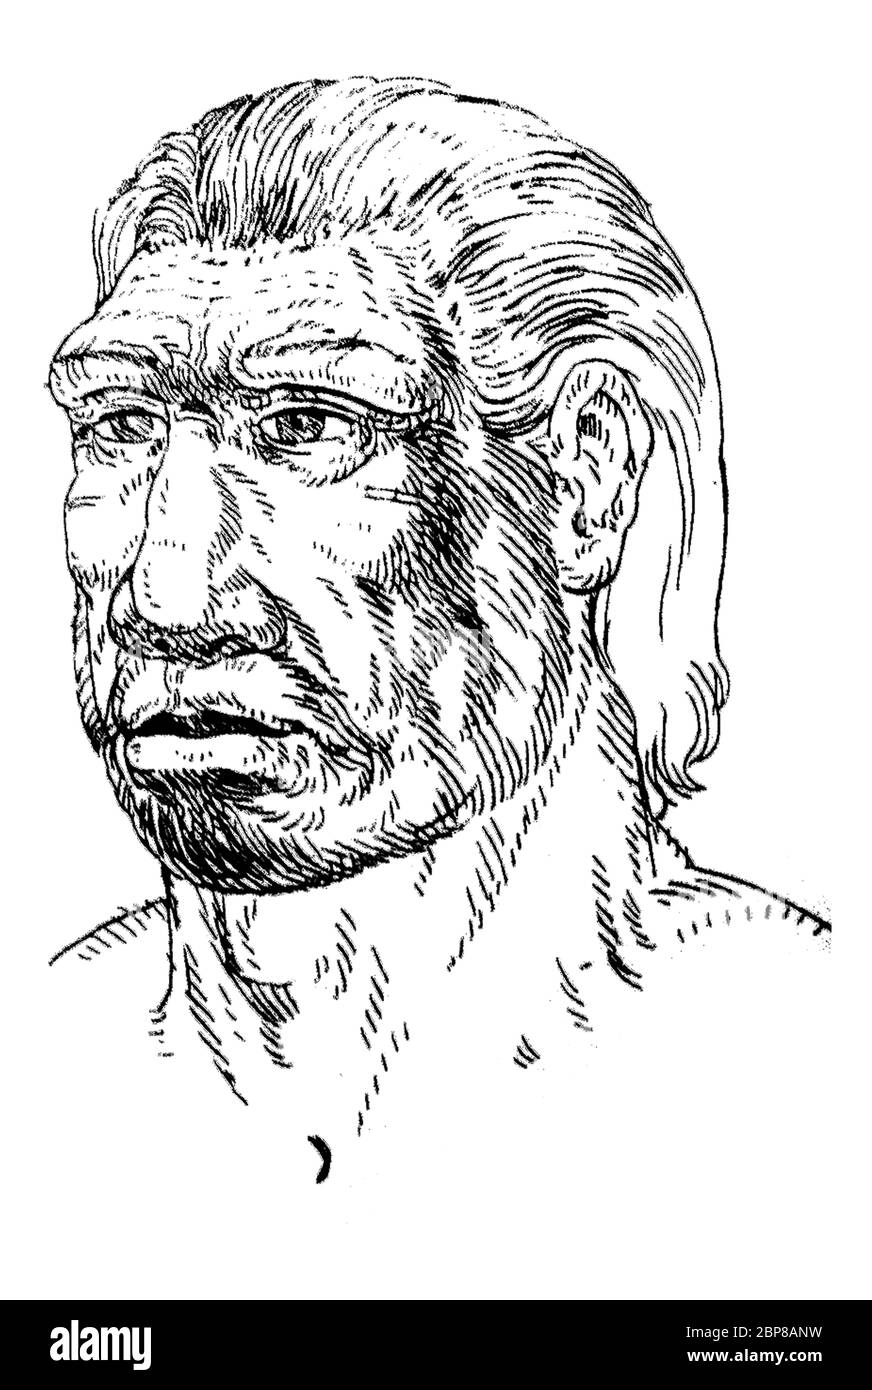 Portrait de l'homme Néandertal. Aussi appelé Homo sapiens neanderthalensis. Tiré du Musée d'Archéologie de Catalogne, Barcelone, Espagne Banque D'Images